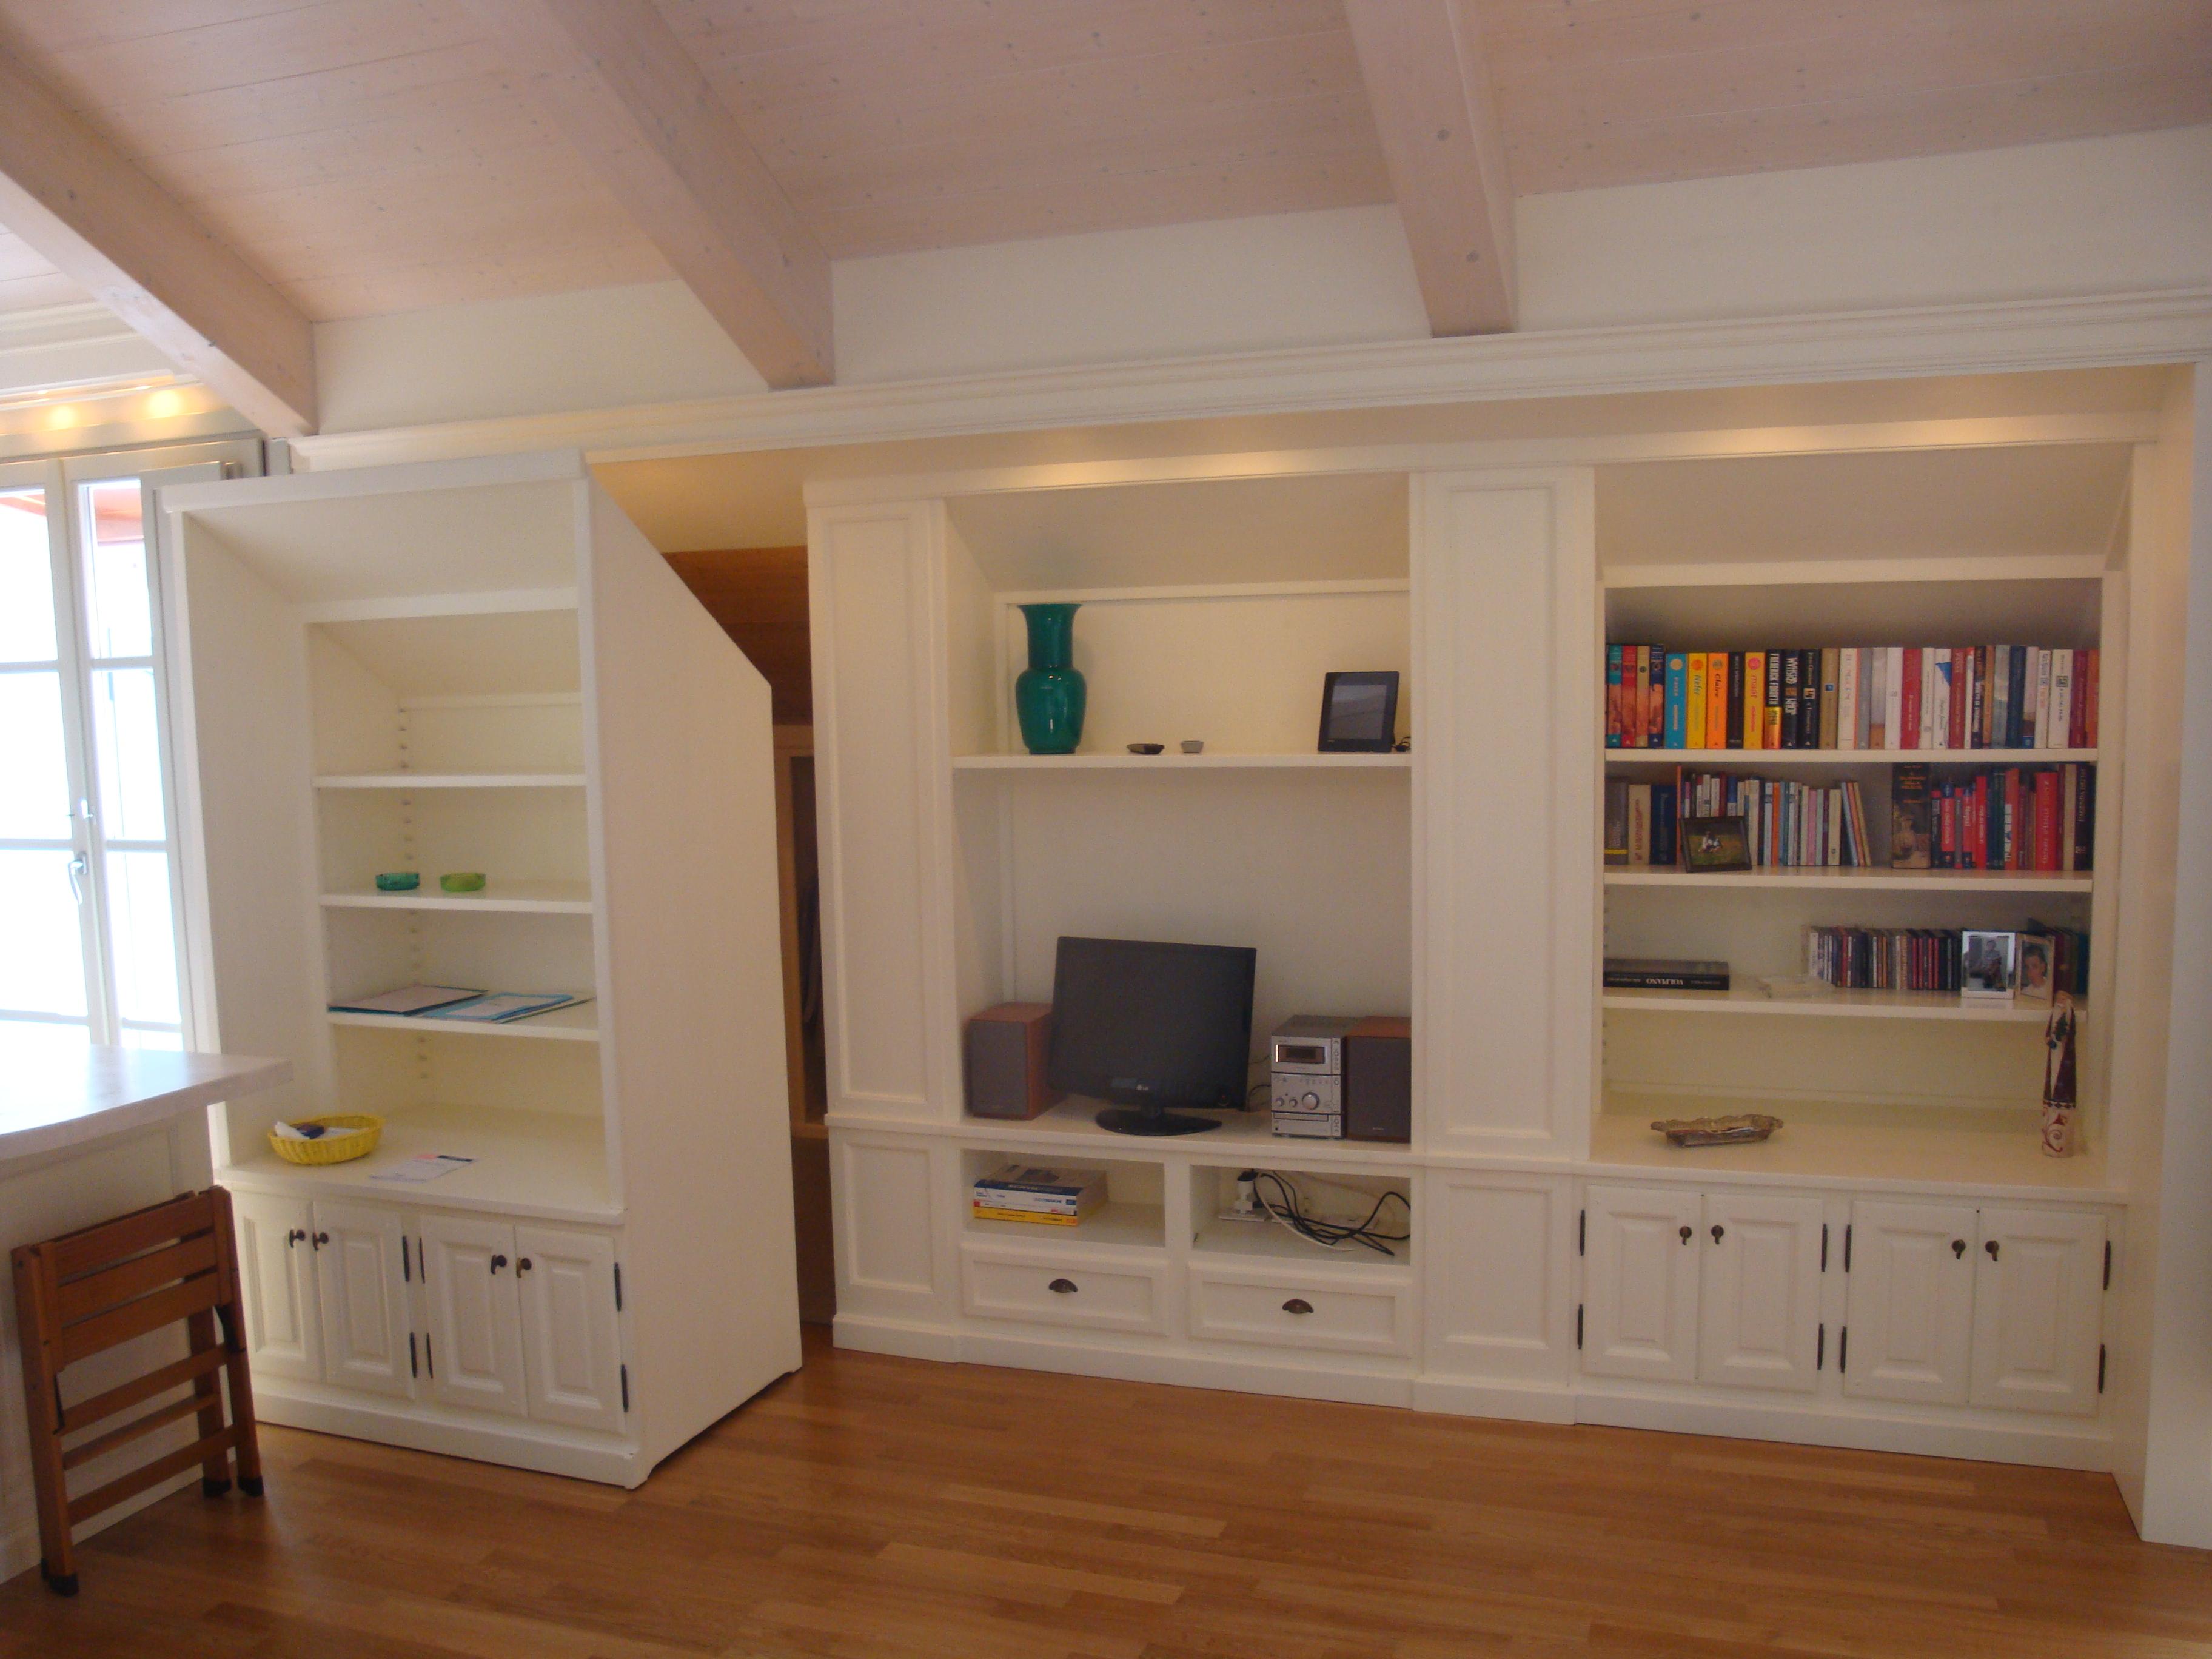 La vita in mansarda come sfruttare gli spazi al massimo - Come organizzare gli spazi in cucina ...